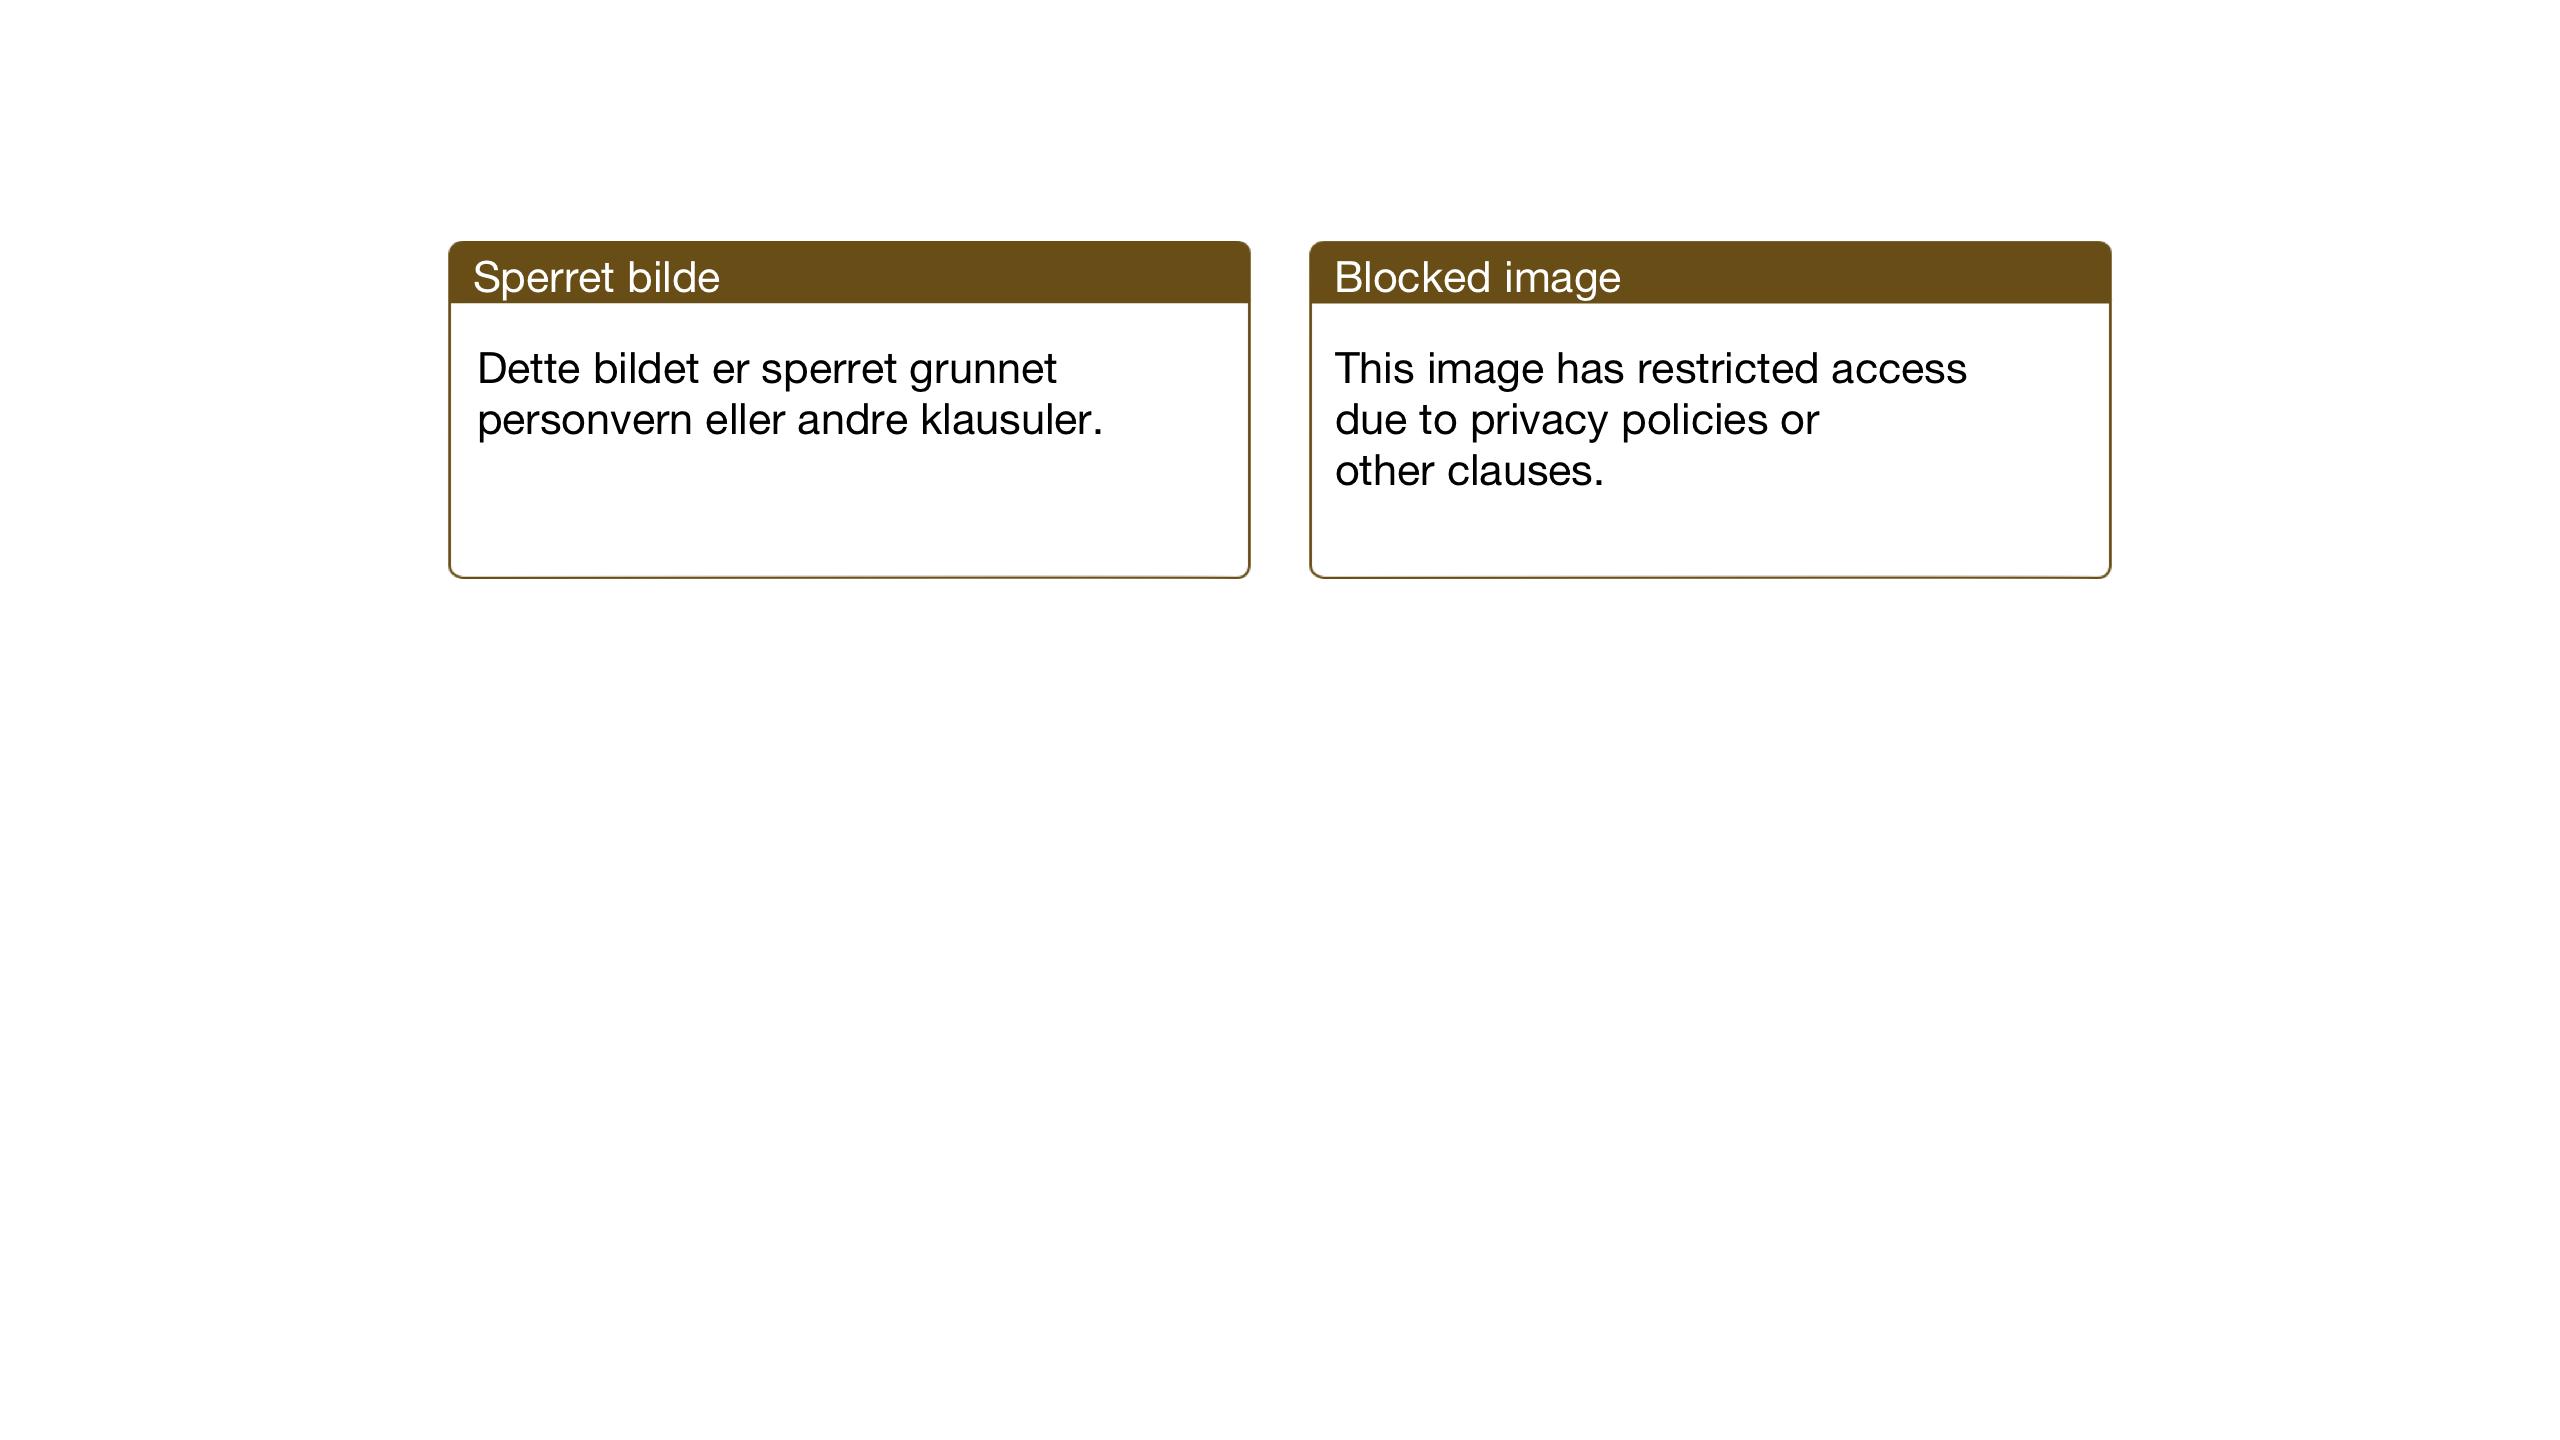 SAT, Ministerialprotokoller, klokkerbøker og fødselsregistre - Sør-Trøndelag, 682/L0947: Klokkerbok nr. 682C01, 1926-1968, s. 145